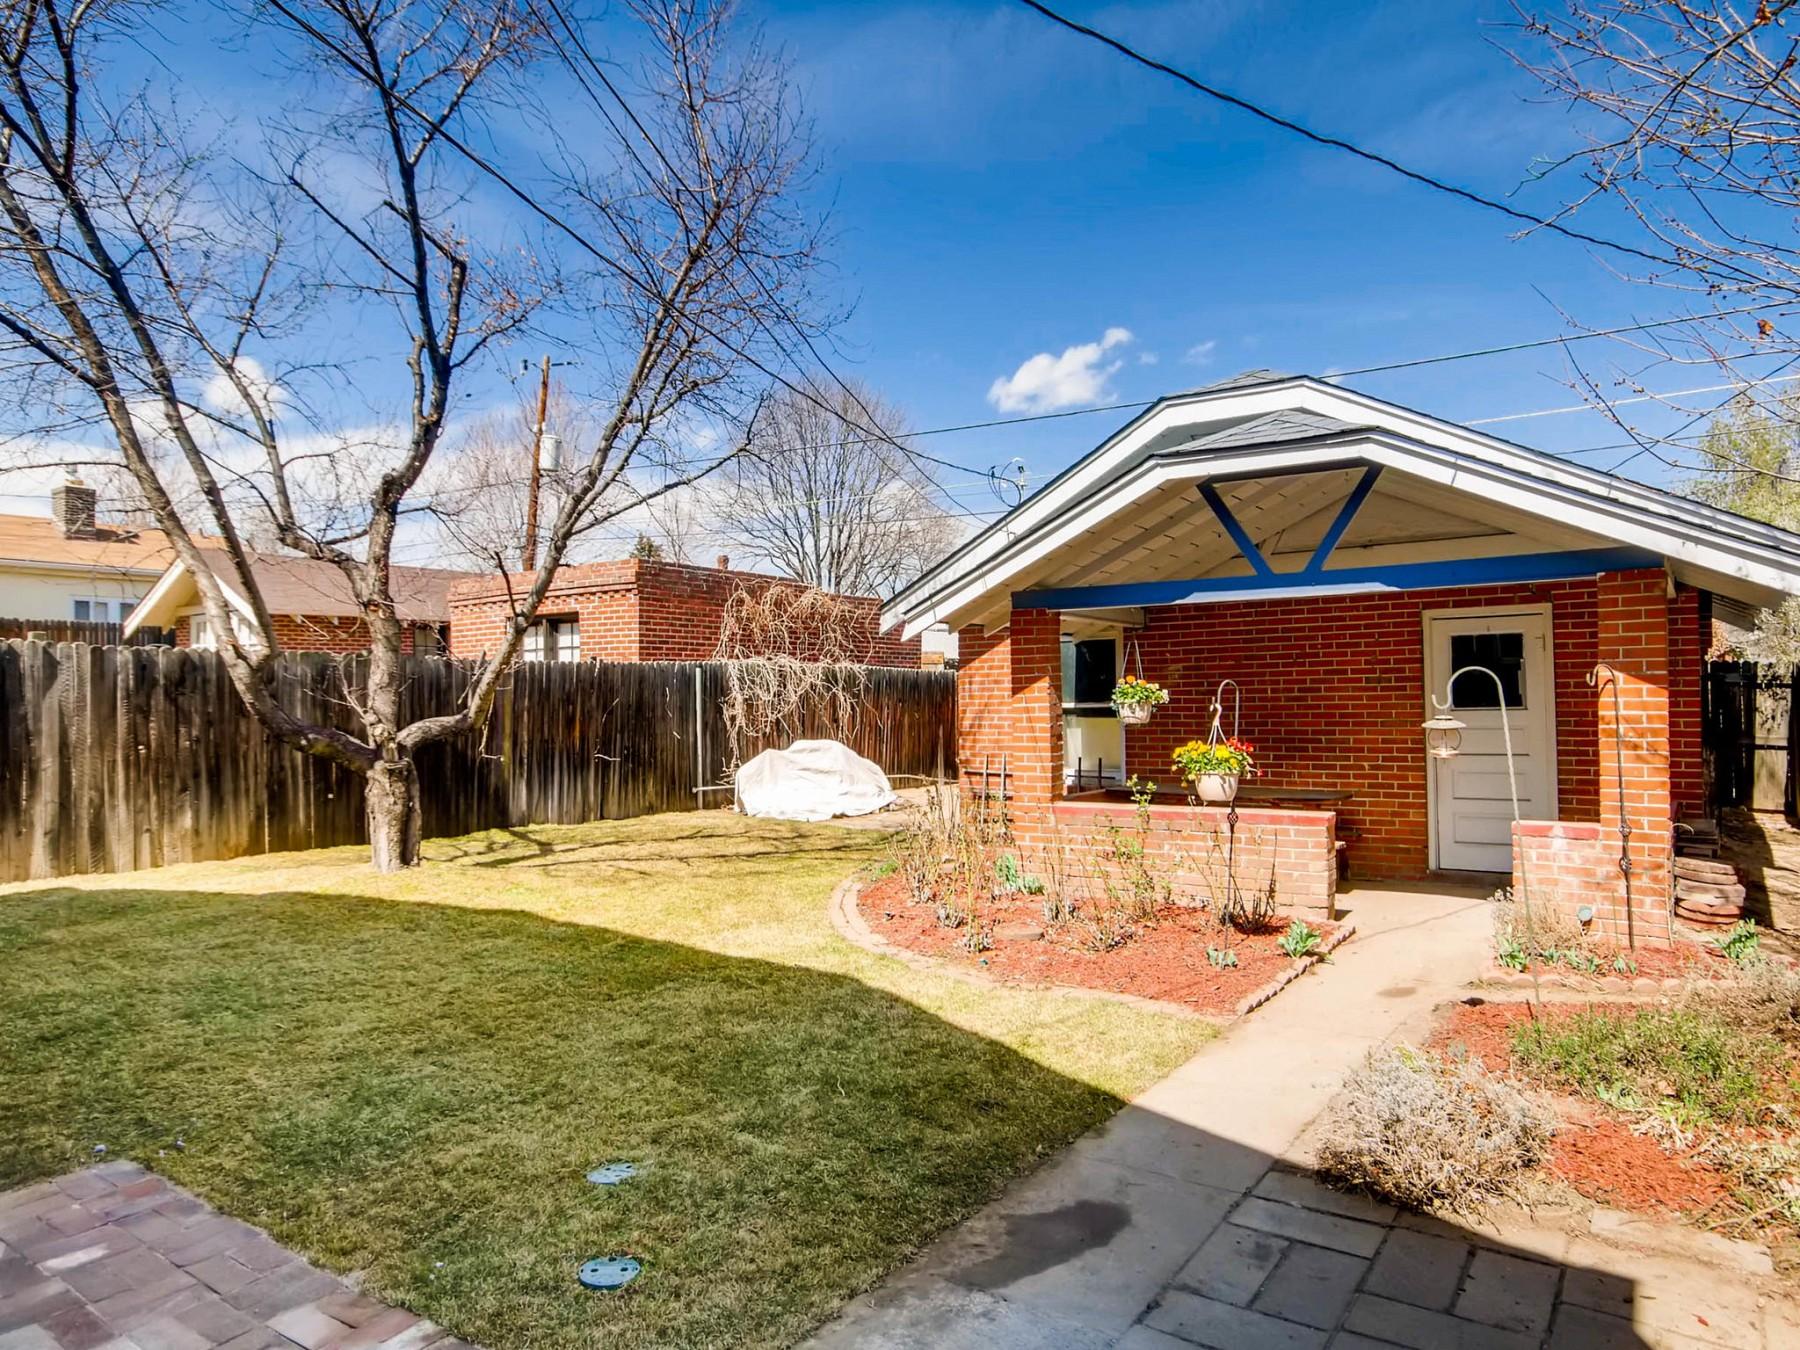 3455 West 35th Avenue, Denver, CO 80211